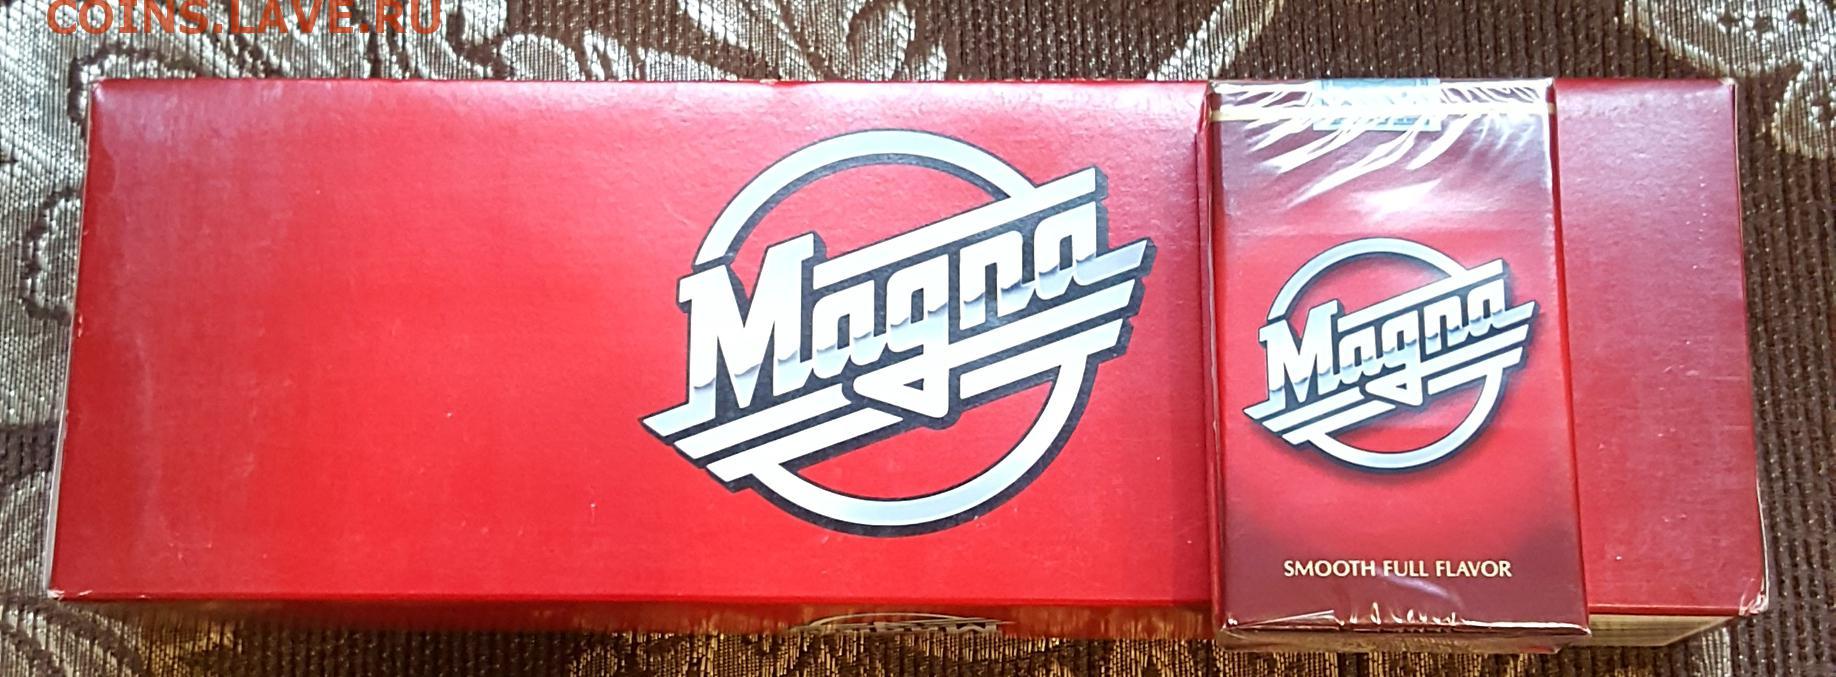 Где купить магну сигареты одноразовые электронные сигареты хасавюрт